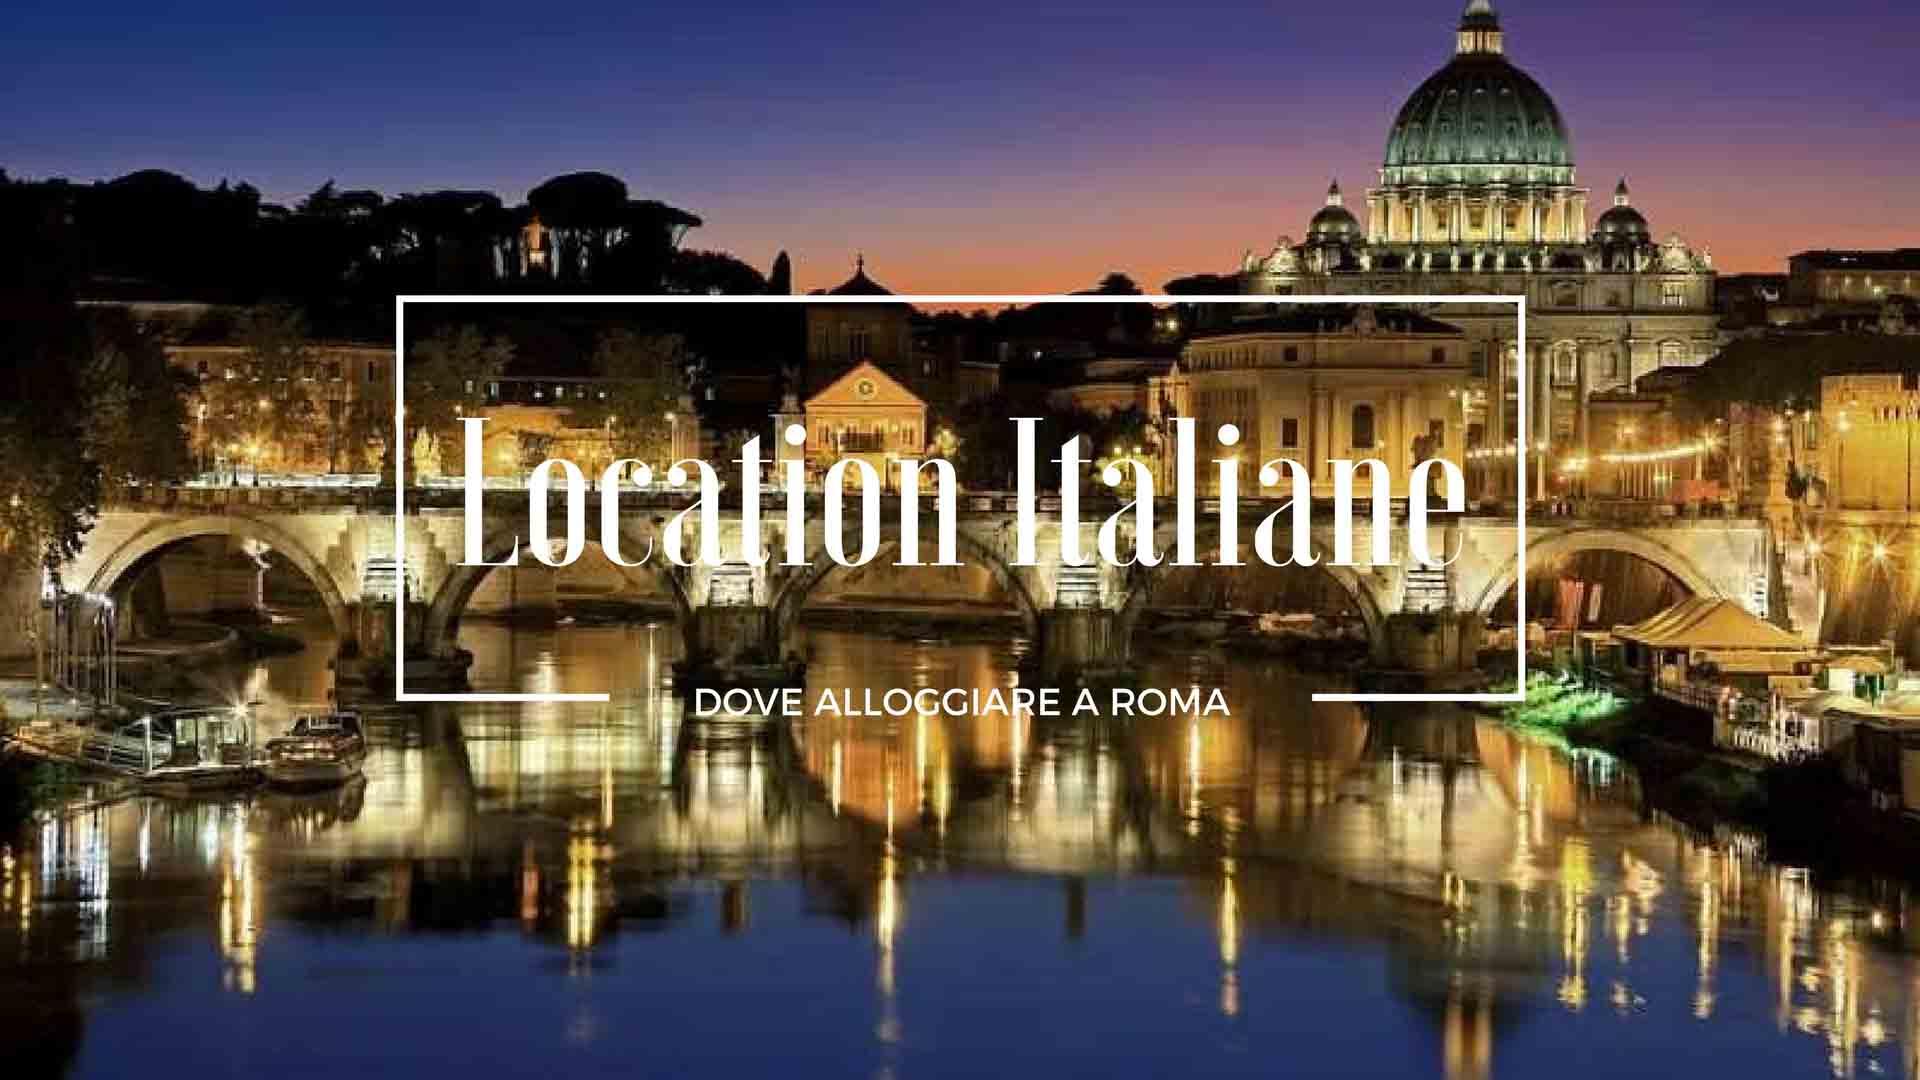 Dove allloggiare a Roma